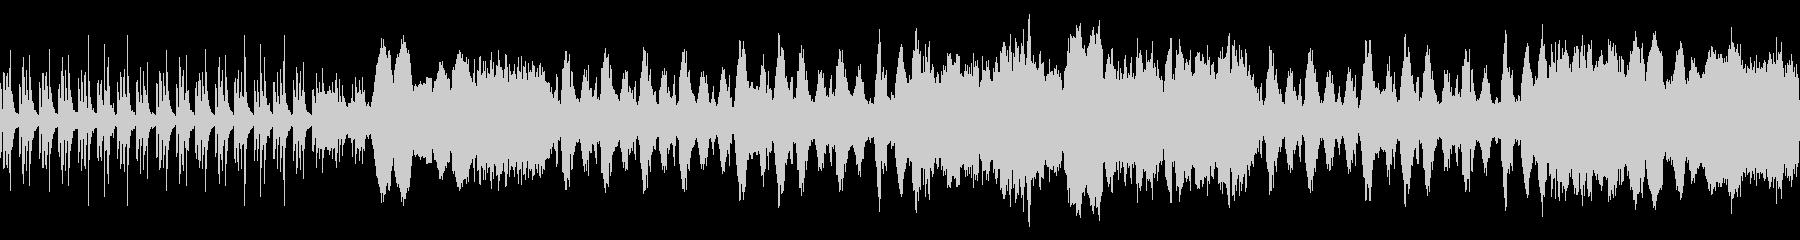 映像 ナレーションRPG 上品 ループの未再生の波形